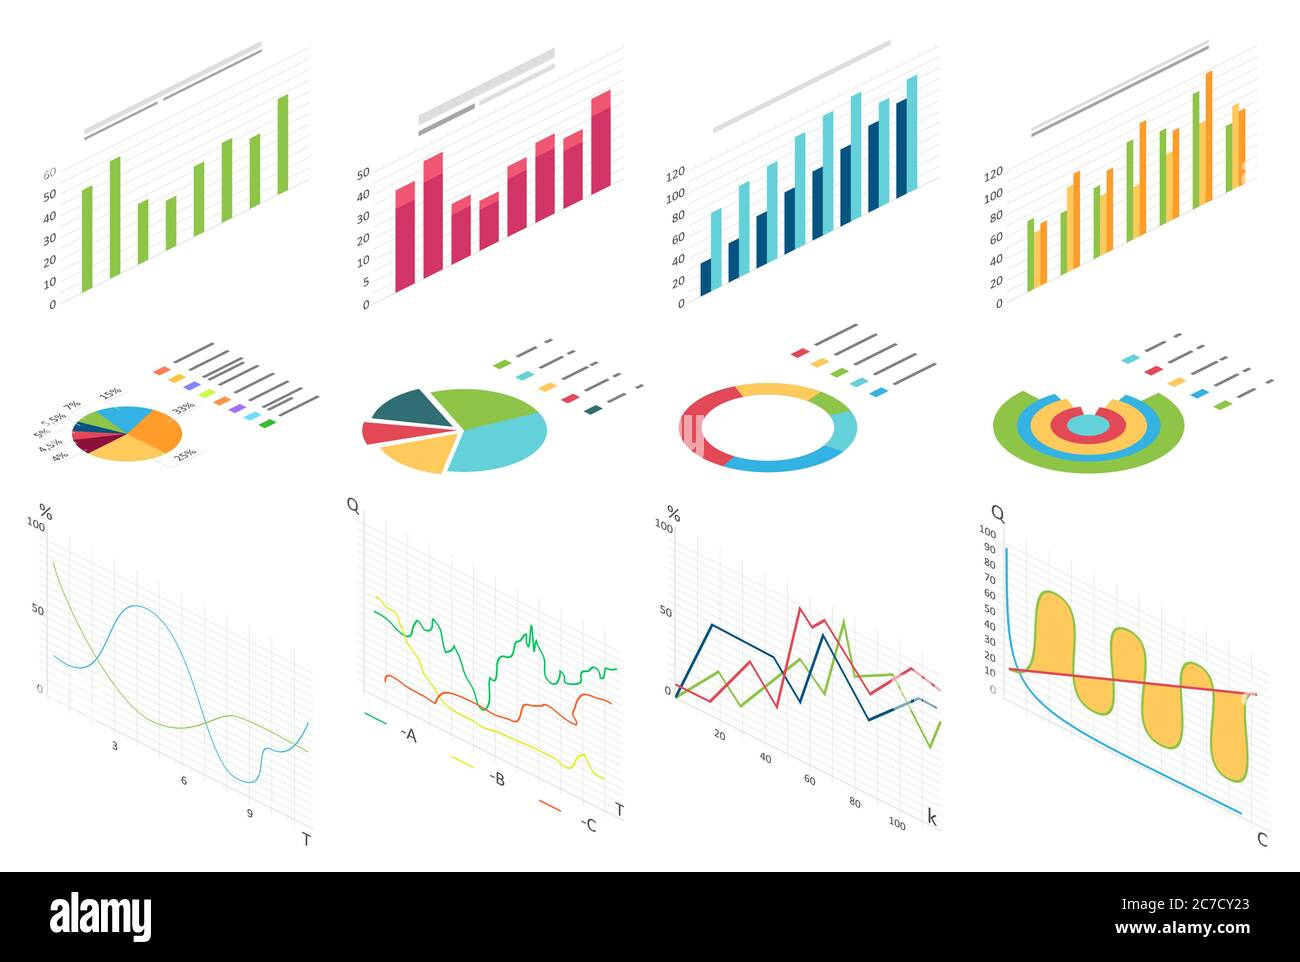 Grafico isometrico flat data finance, grafici di business finance per infografica. Dati grafici delle forme d'onda, statistiche dei diagrammi 2d, colonne informative illustrazione vettoriale isolata Illustrazione Vettoriale